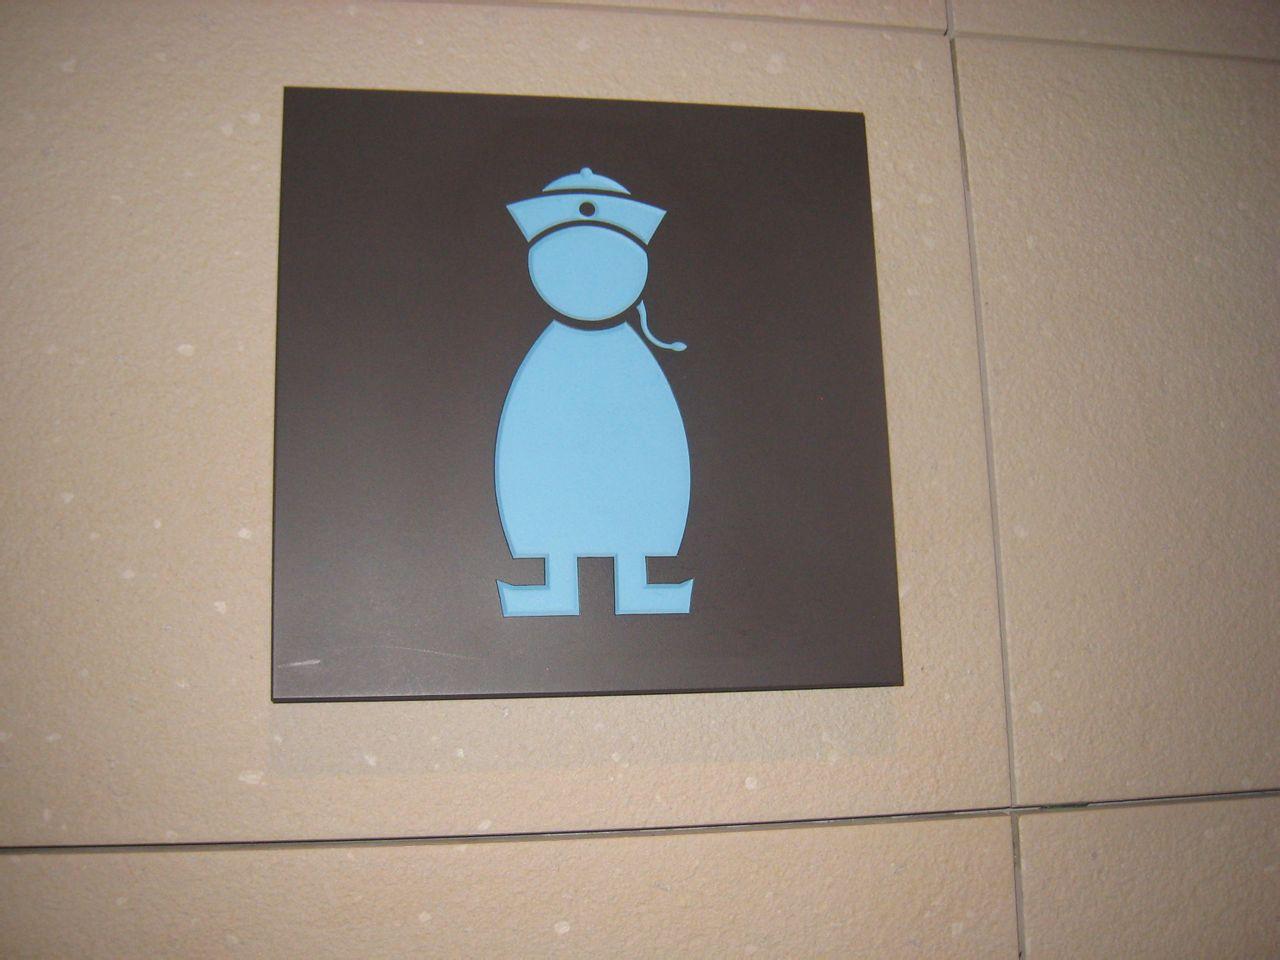 男女标志还算有新意的洗手间 大港油田吧 百度贴吧 高清图片